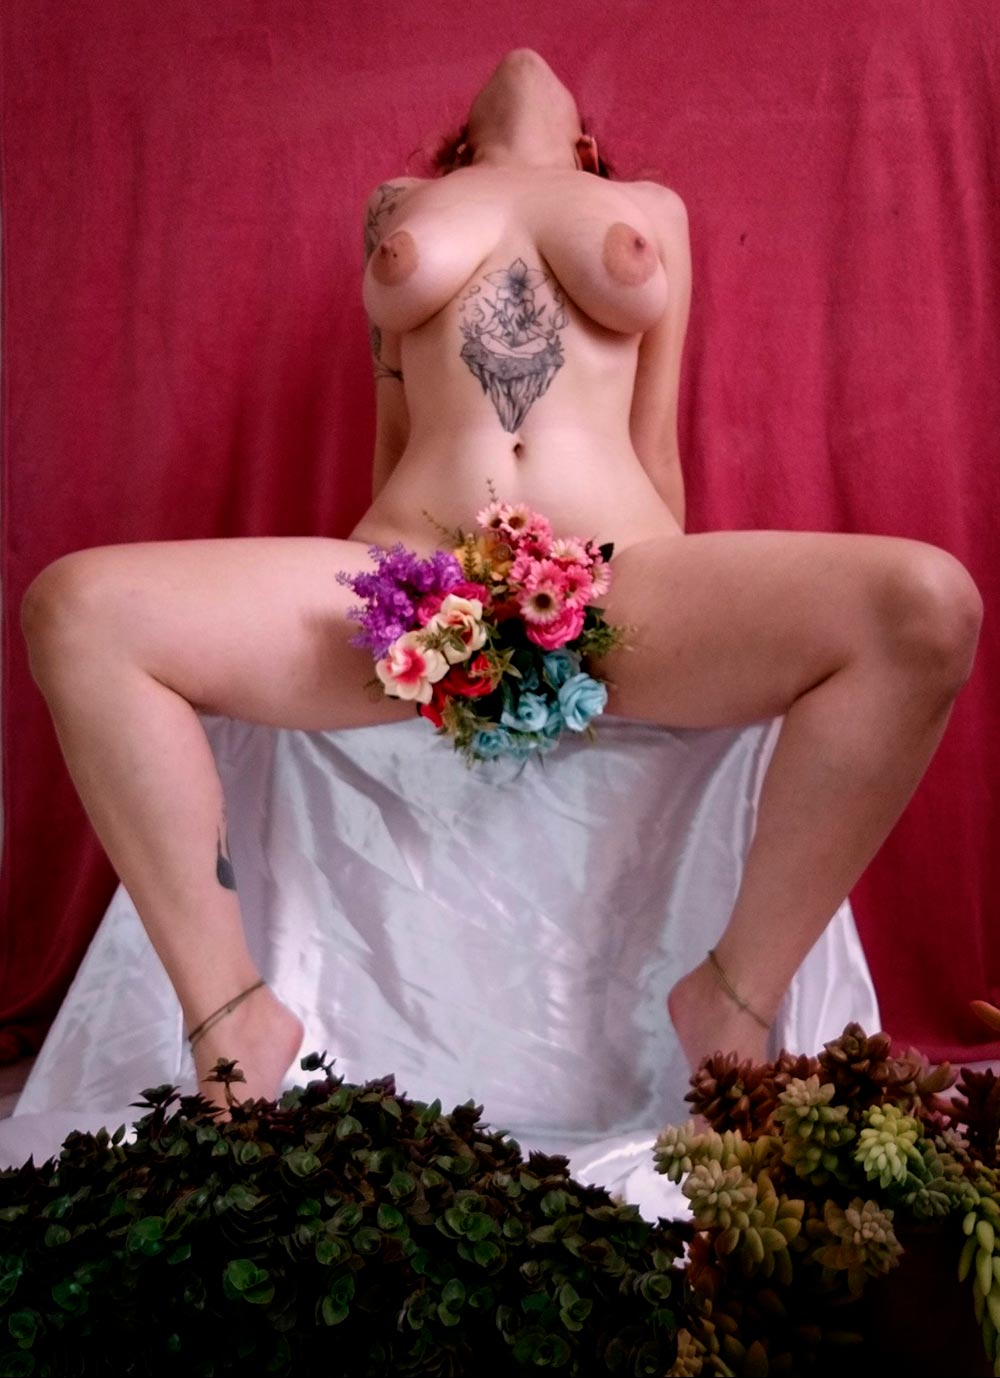 Cristina Prive